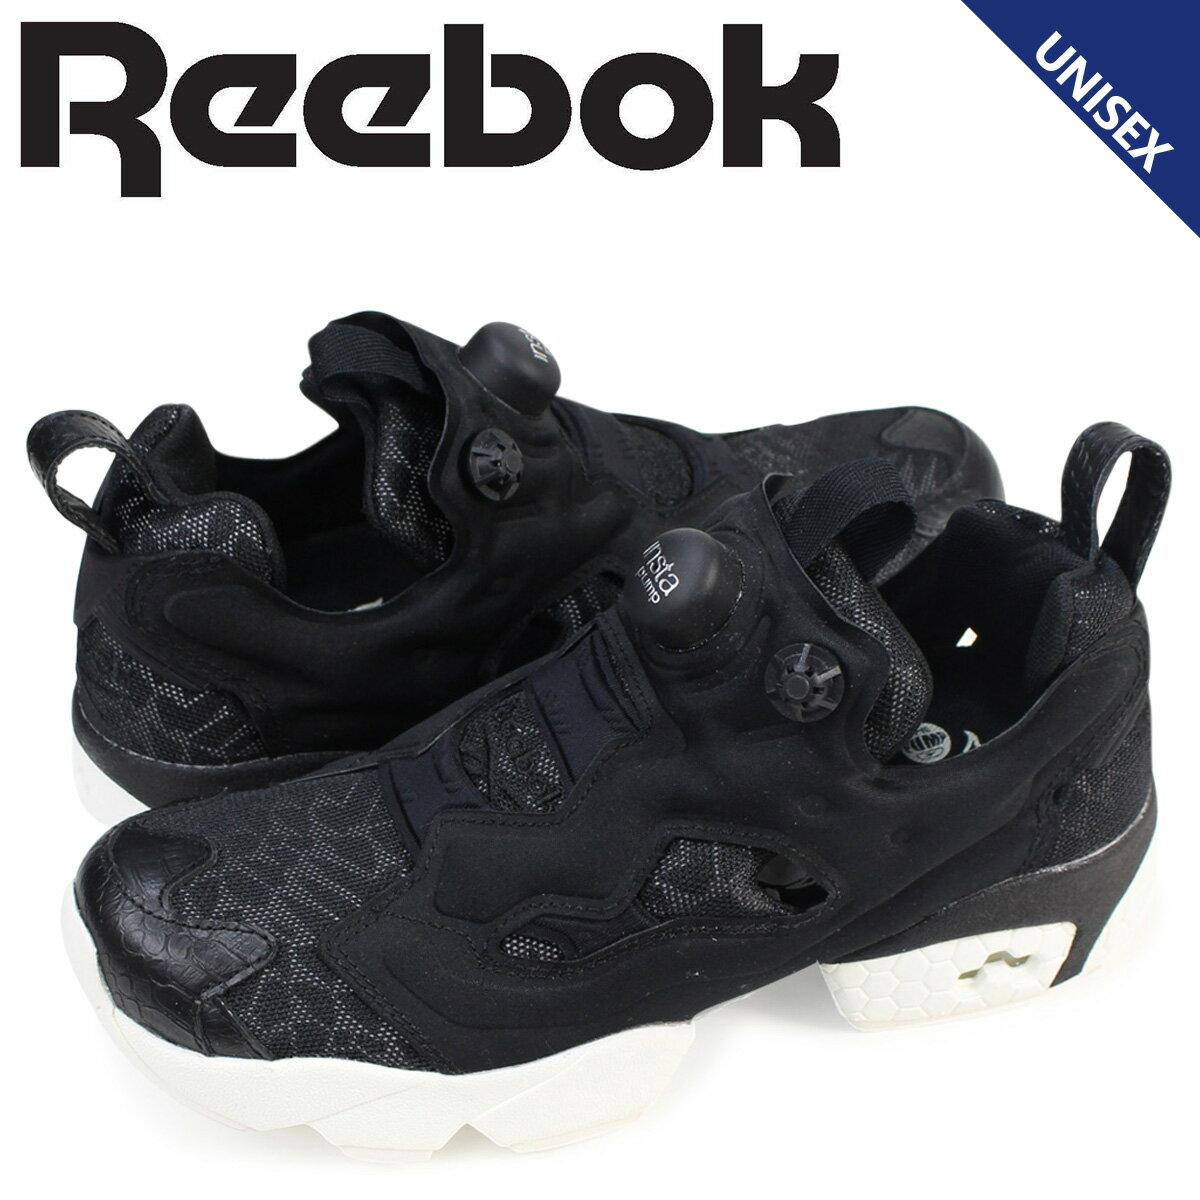 リーボック ポンプフューリー スニーカー Reebok INSTAPUMP FURY OG メンズ レディース AQ9079 靴 ブラック